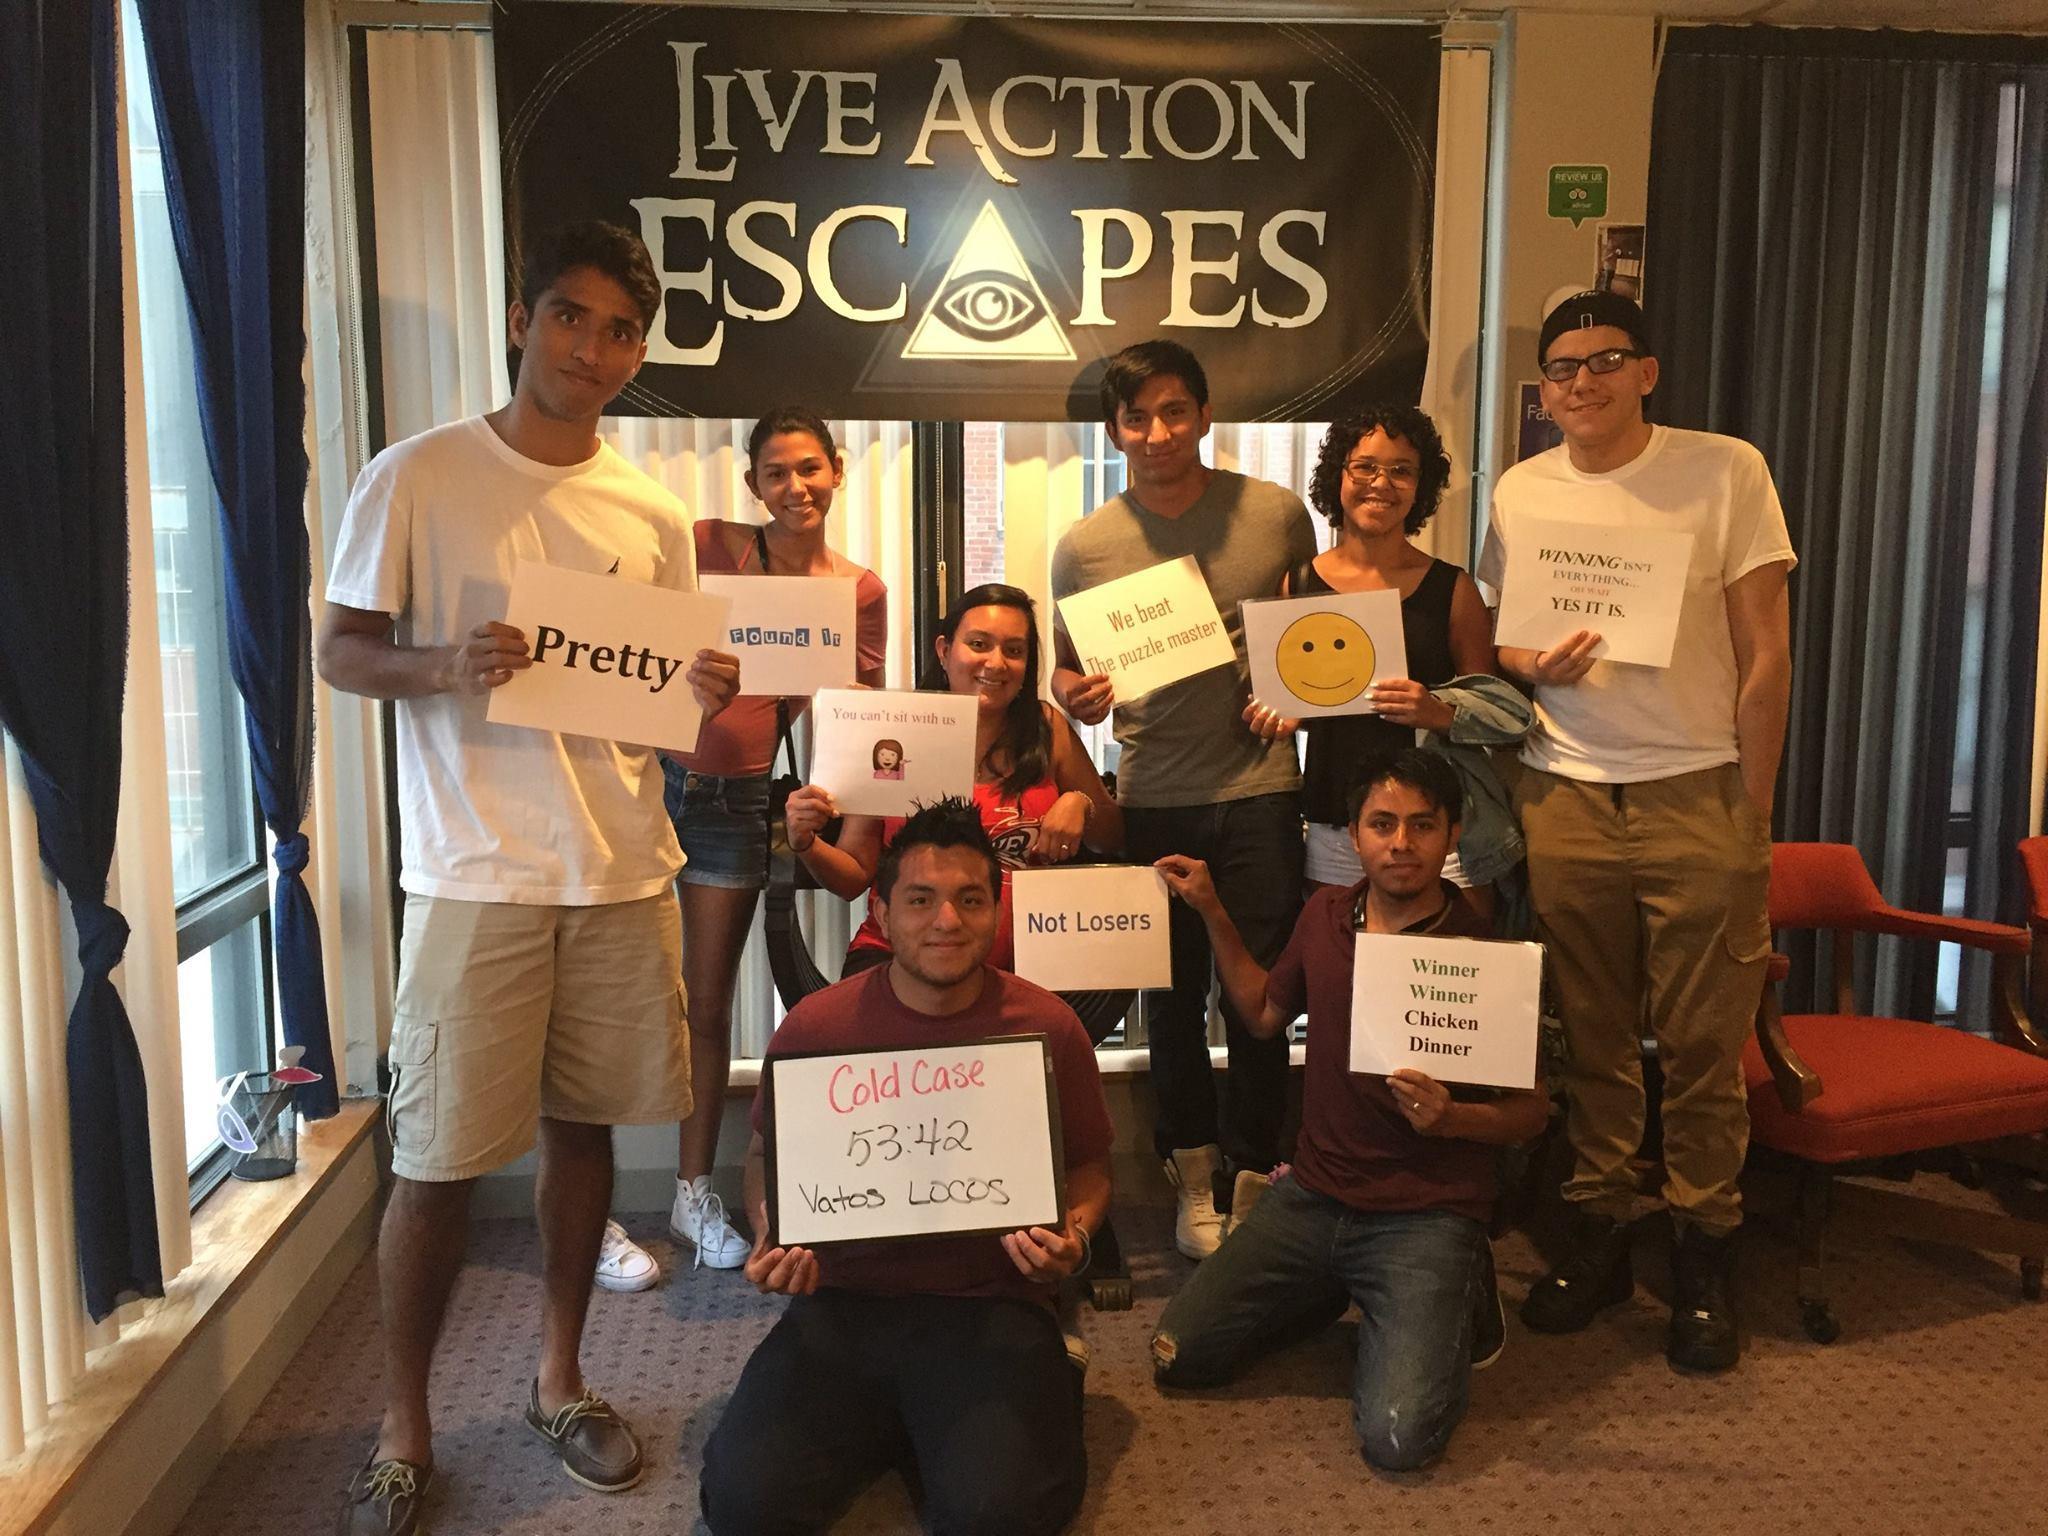 Live Action Escapes image 1